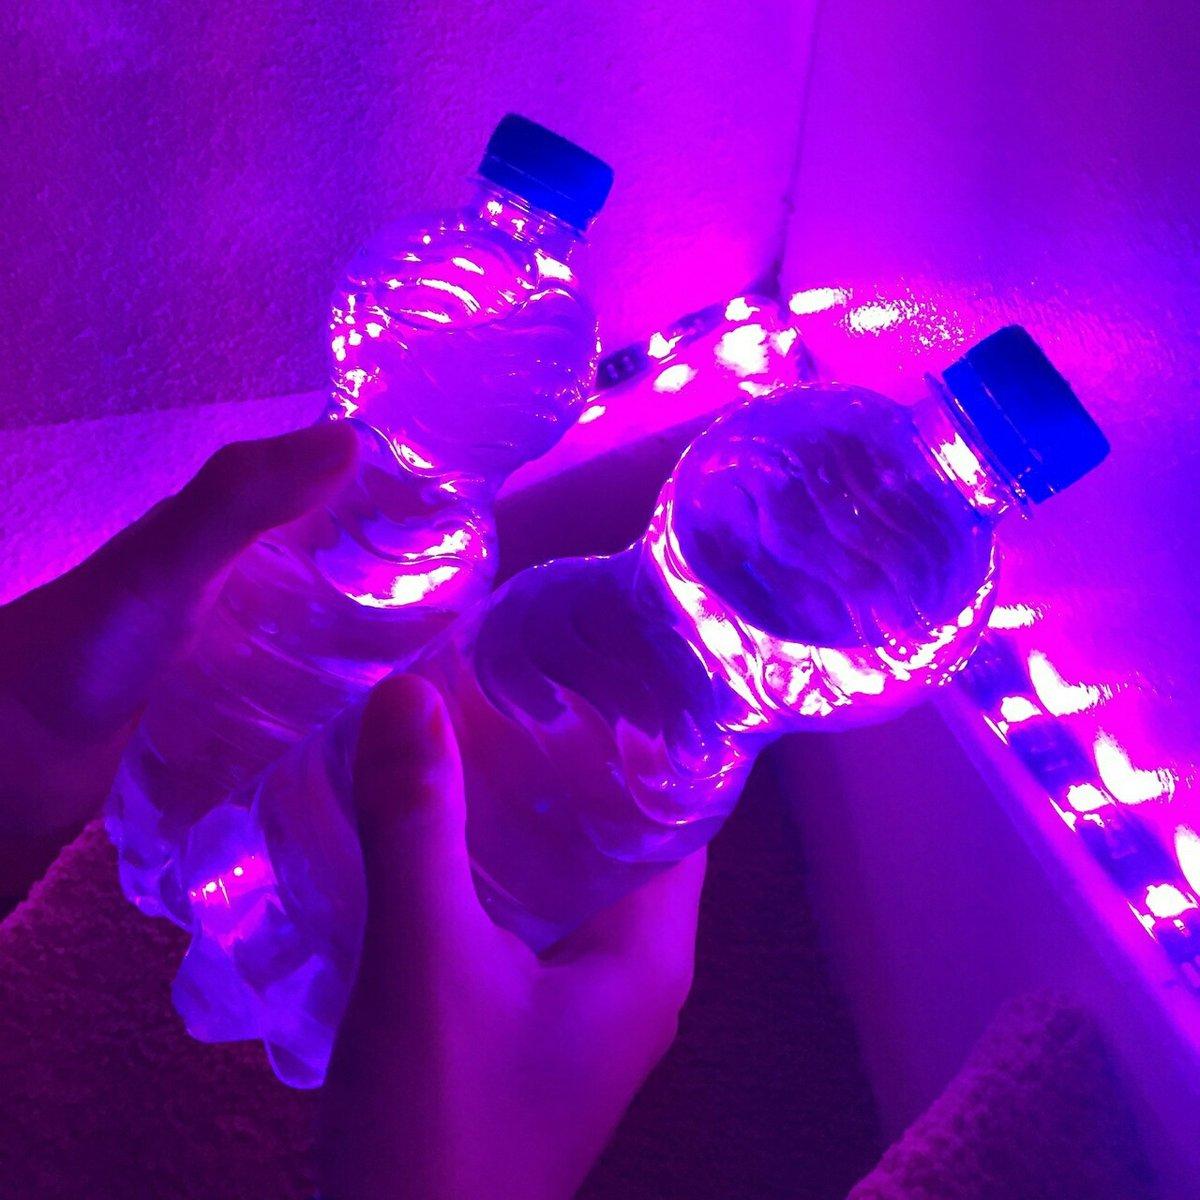 фиолетовые картинки топ для